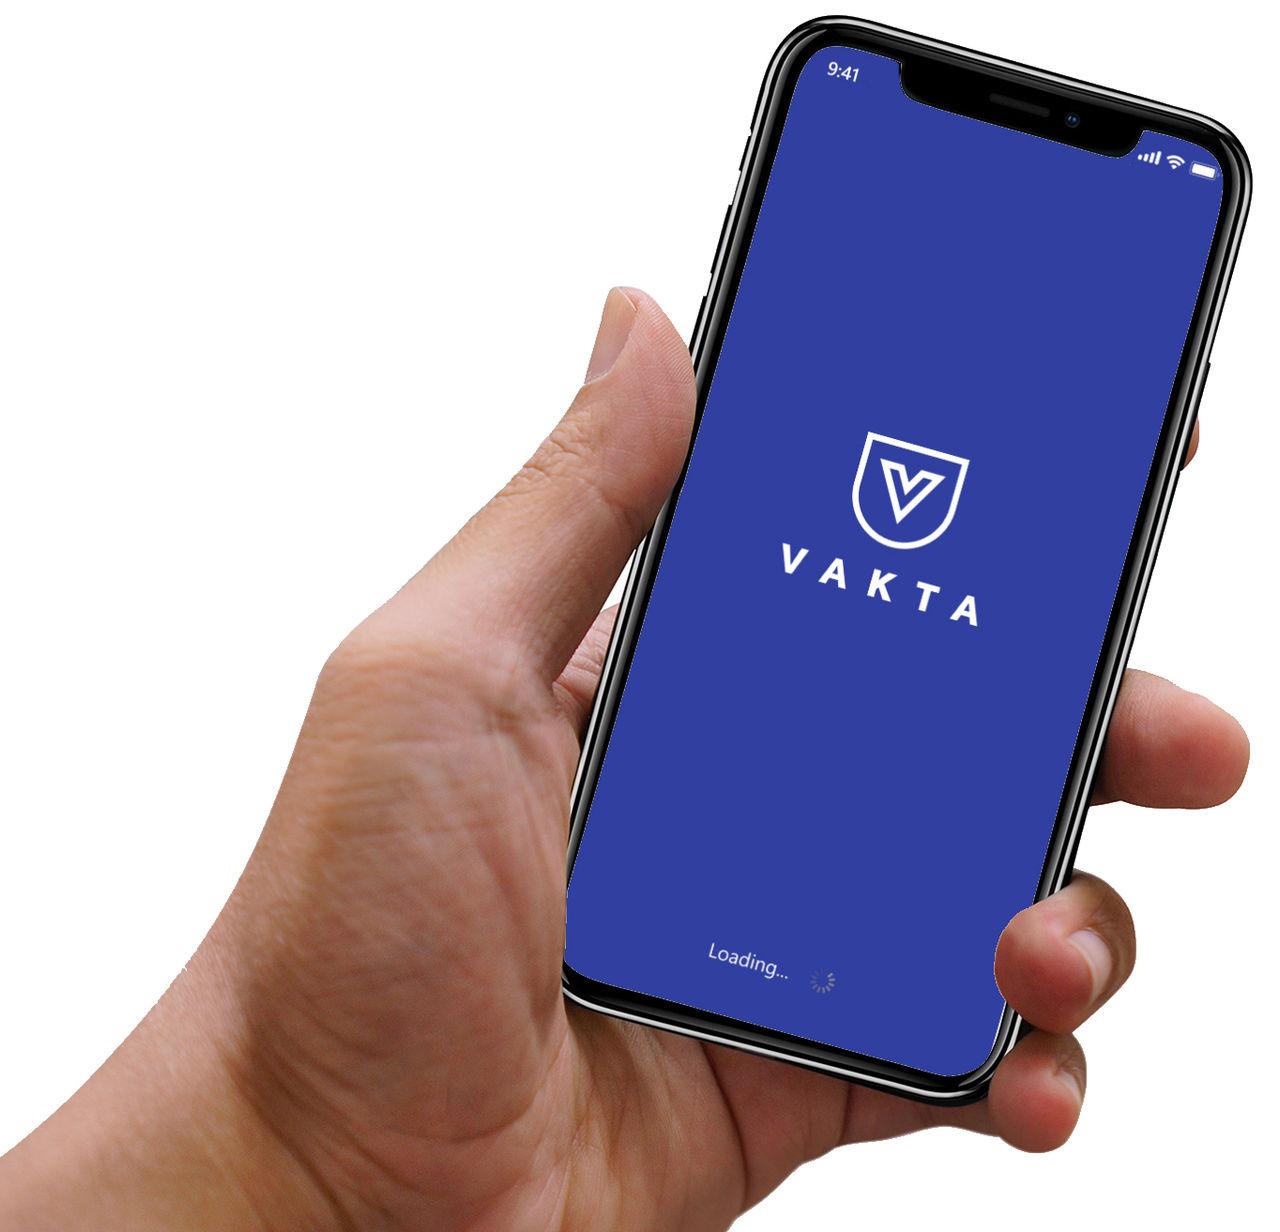 Nu kan man tillkalla väktare via en app